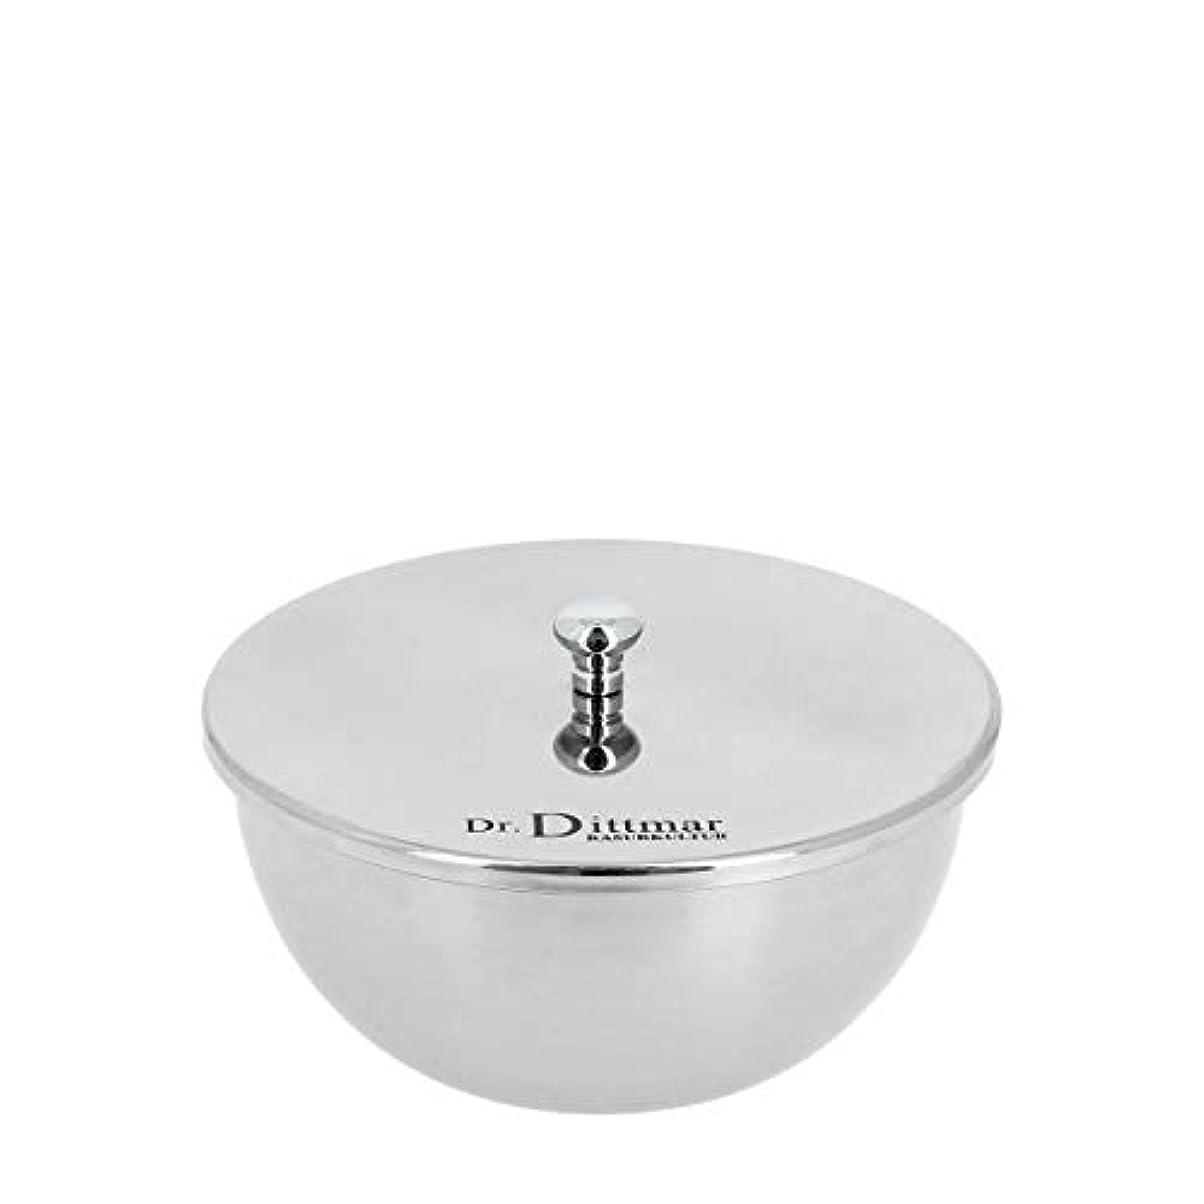 特徴不適振幅DR.ディットマー シェービングボウル(シェービングソープと蓋付き)(9001)[海外直送品]Dr. Dittmar Shaving Bowl with Shaving Soap and Lid (9001) [並行輸入品]